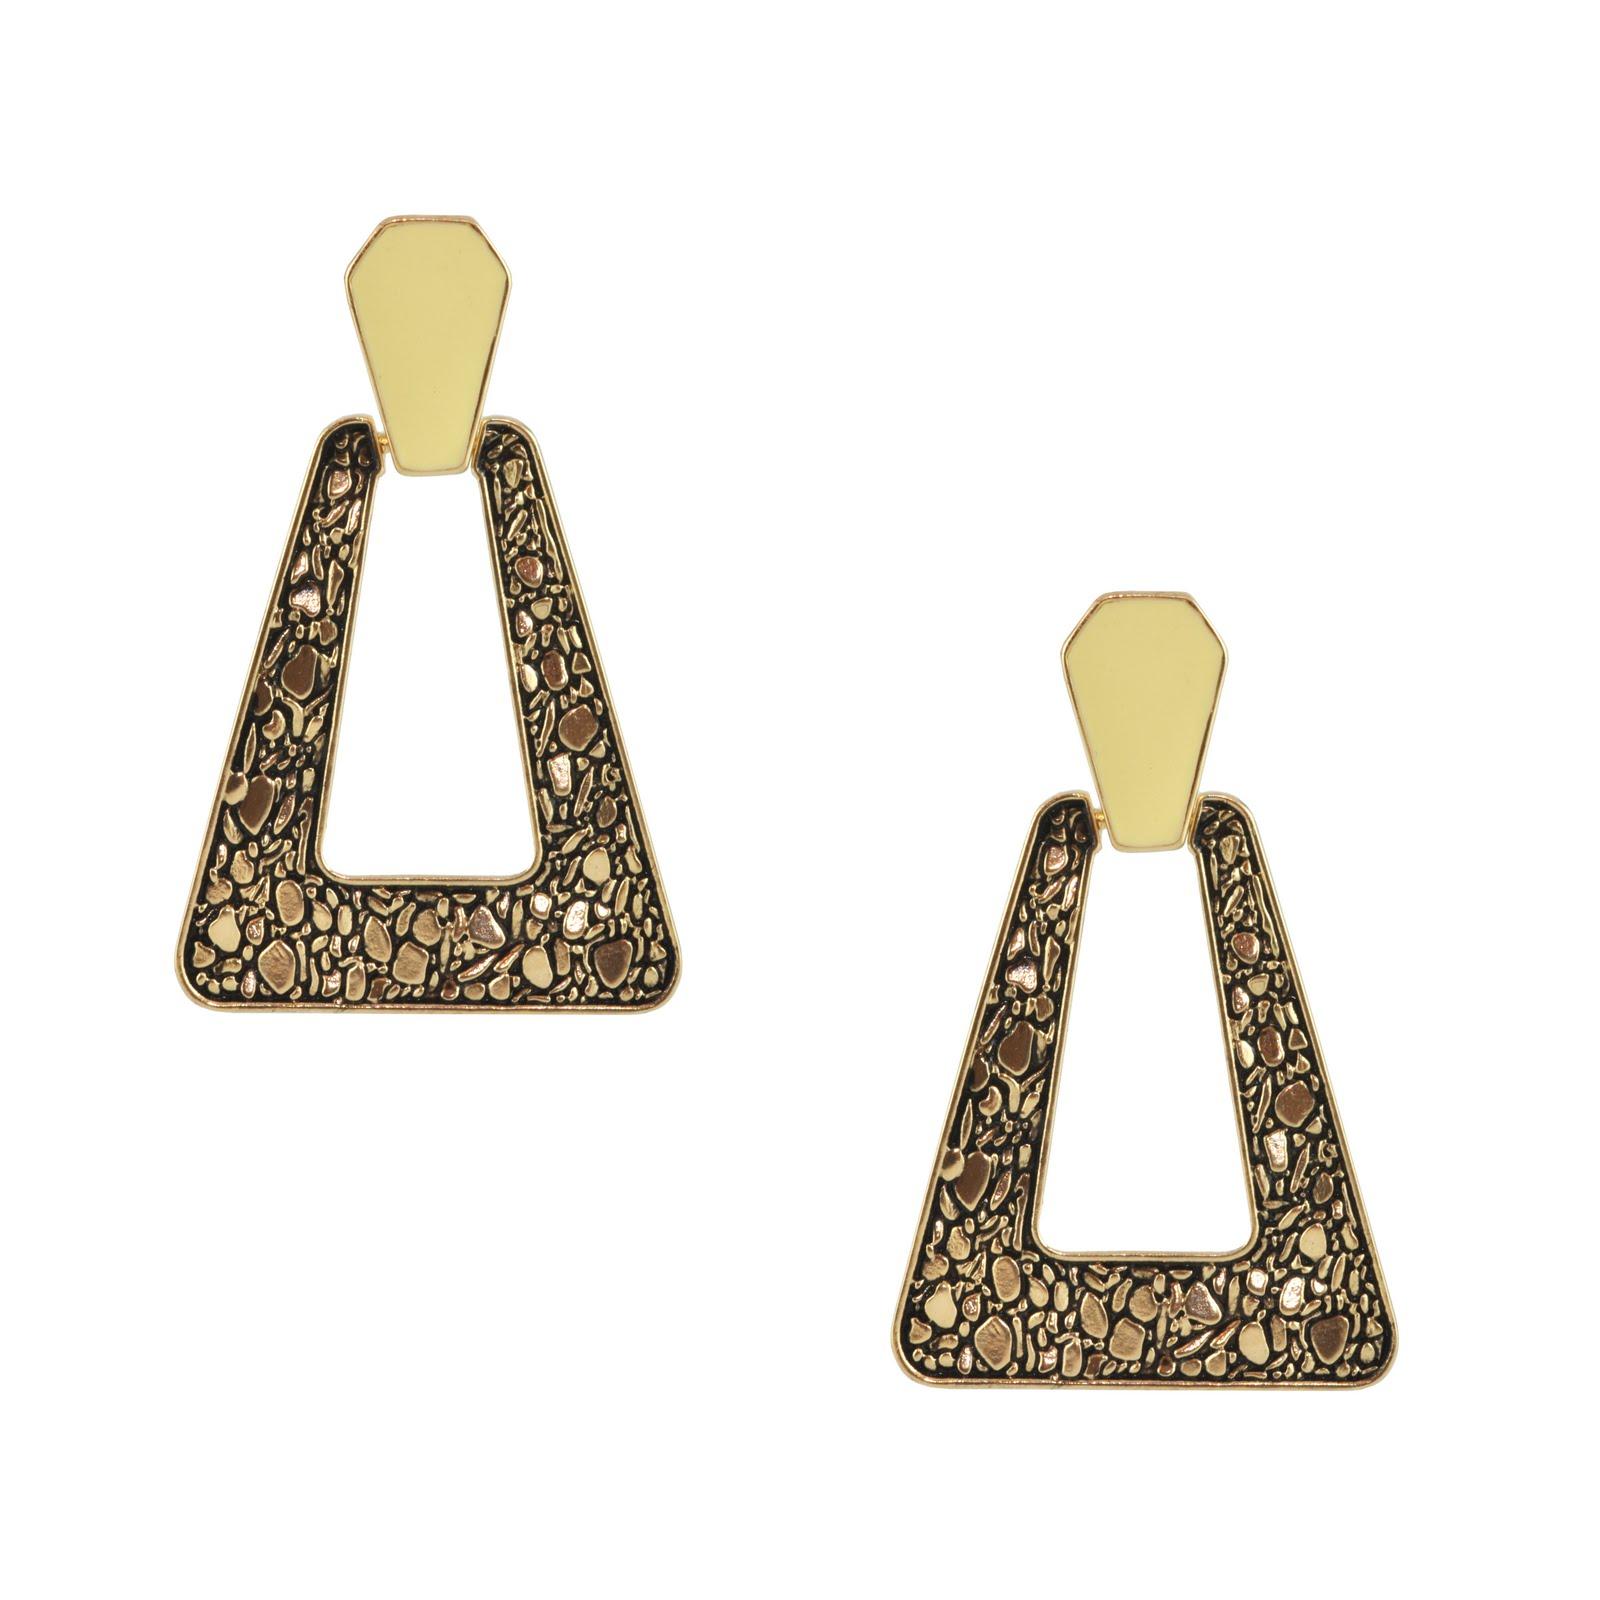 http://3.bp.blogspot.com/-z8hqWyyLKf0/Td4R8-W7u8I/AAAAAAAAAmE/_mbk9xGbPps/s1600/Sophie%2527s+Closet_Belle+Noel_Large+Gold+Nugget+Earrings_-%25C3%25BA31.89.jpg